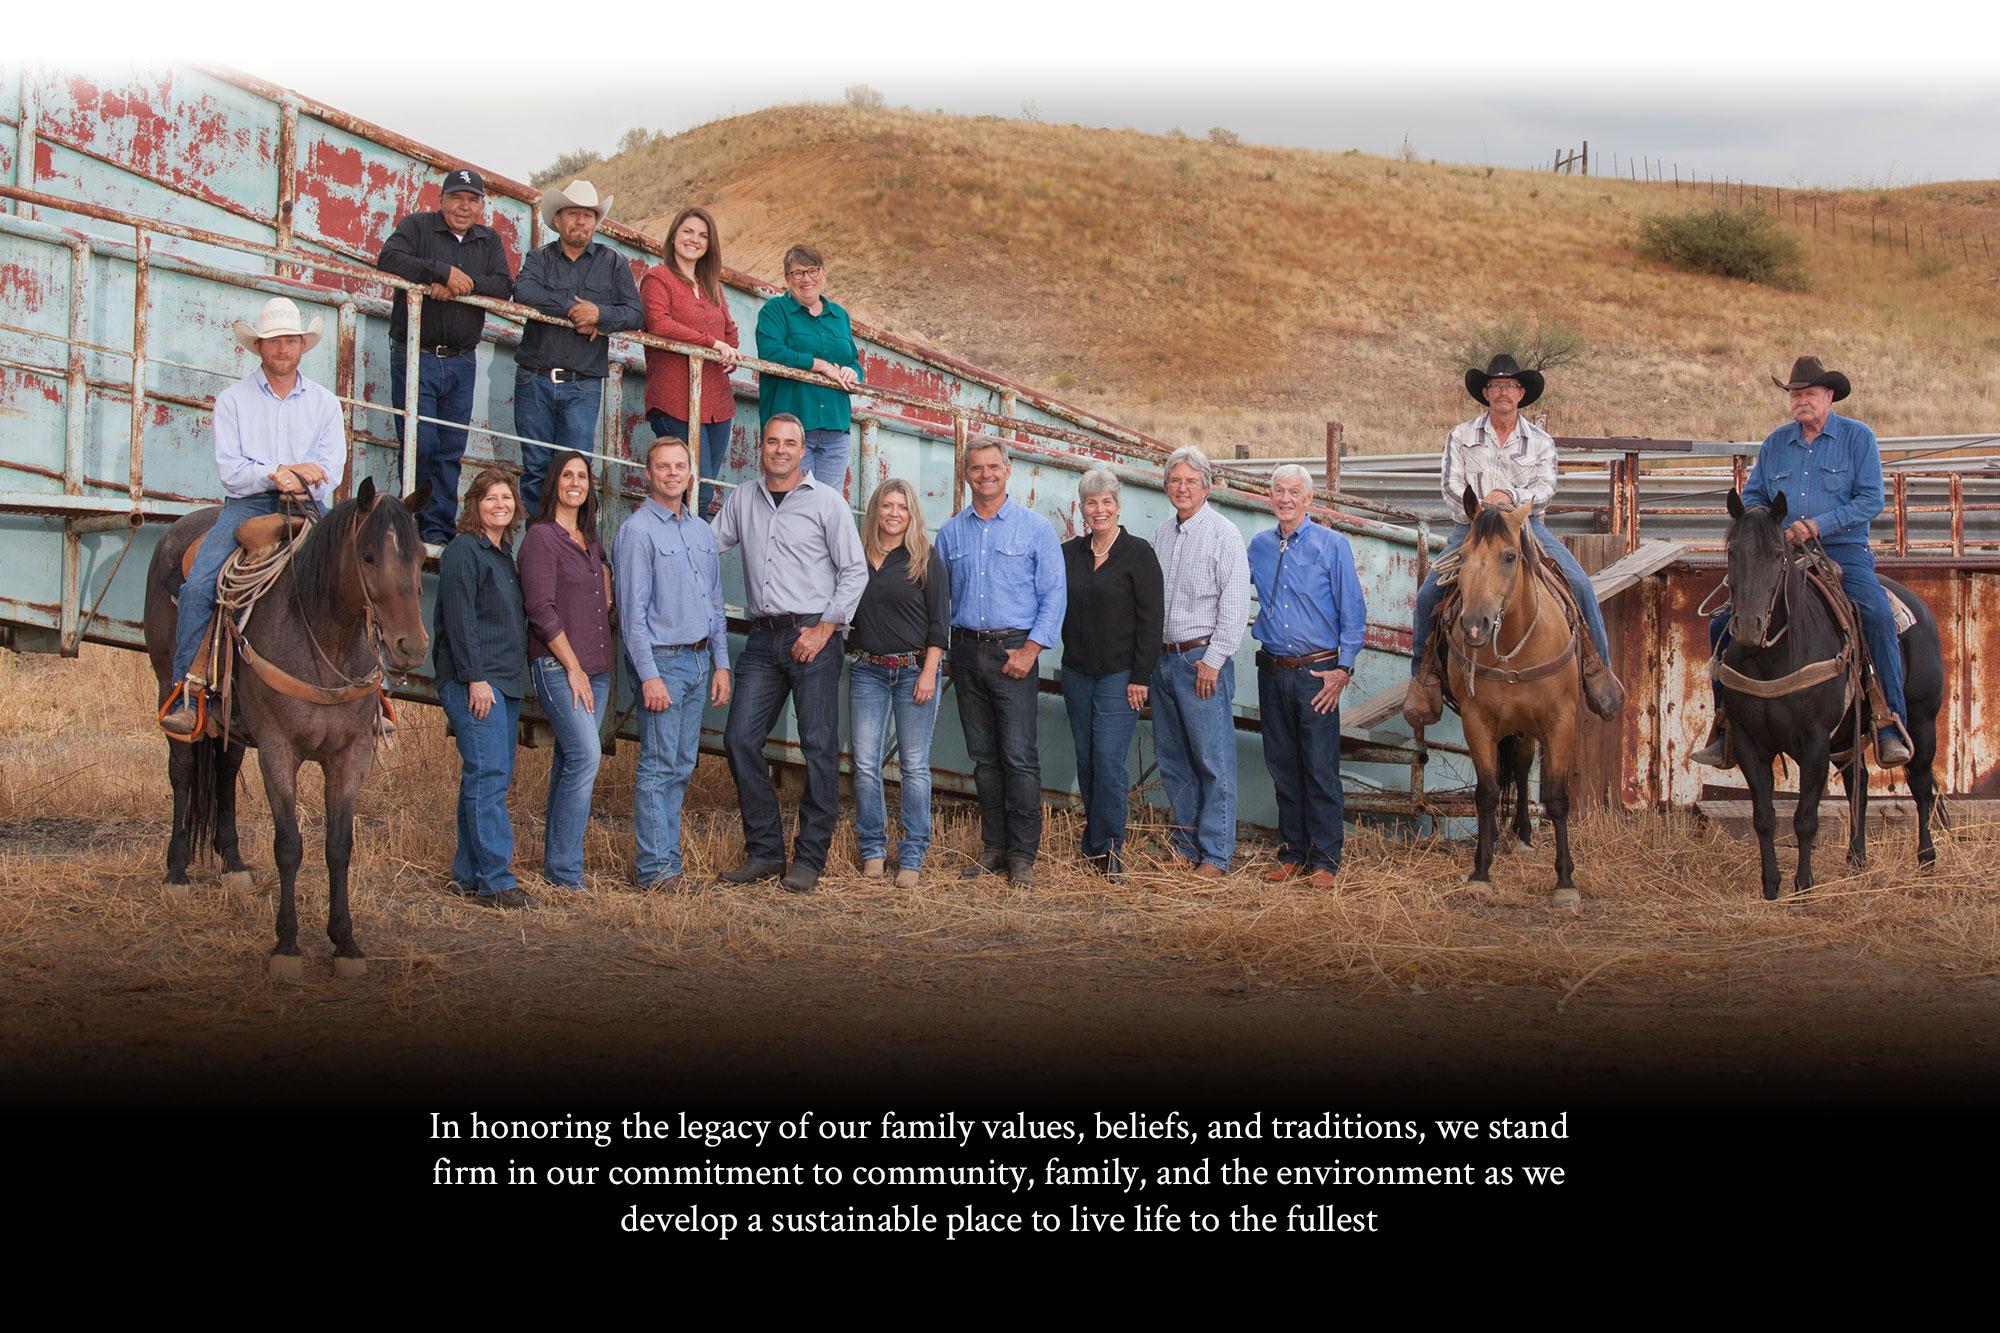 Fain-Signature-Group-Company-Photo